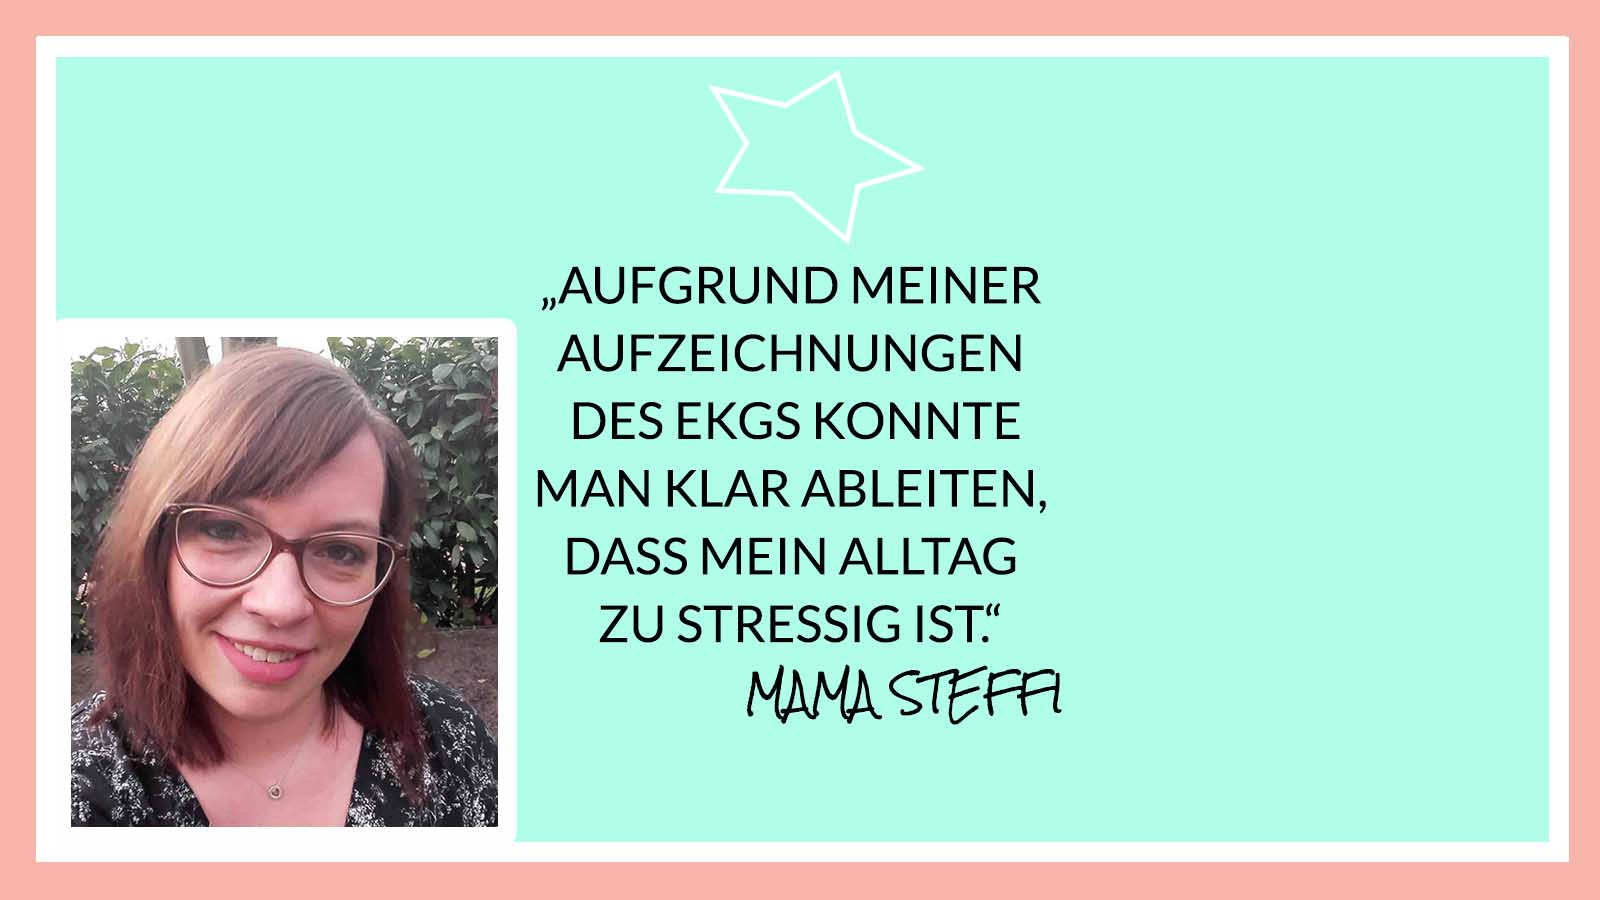 Herzrhythmusstörungen Herz Mamaburnout Burnout Muttisyndrom Mama wird krank Familie Familienleben Mamablog Mamablogger MutterKutter